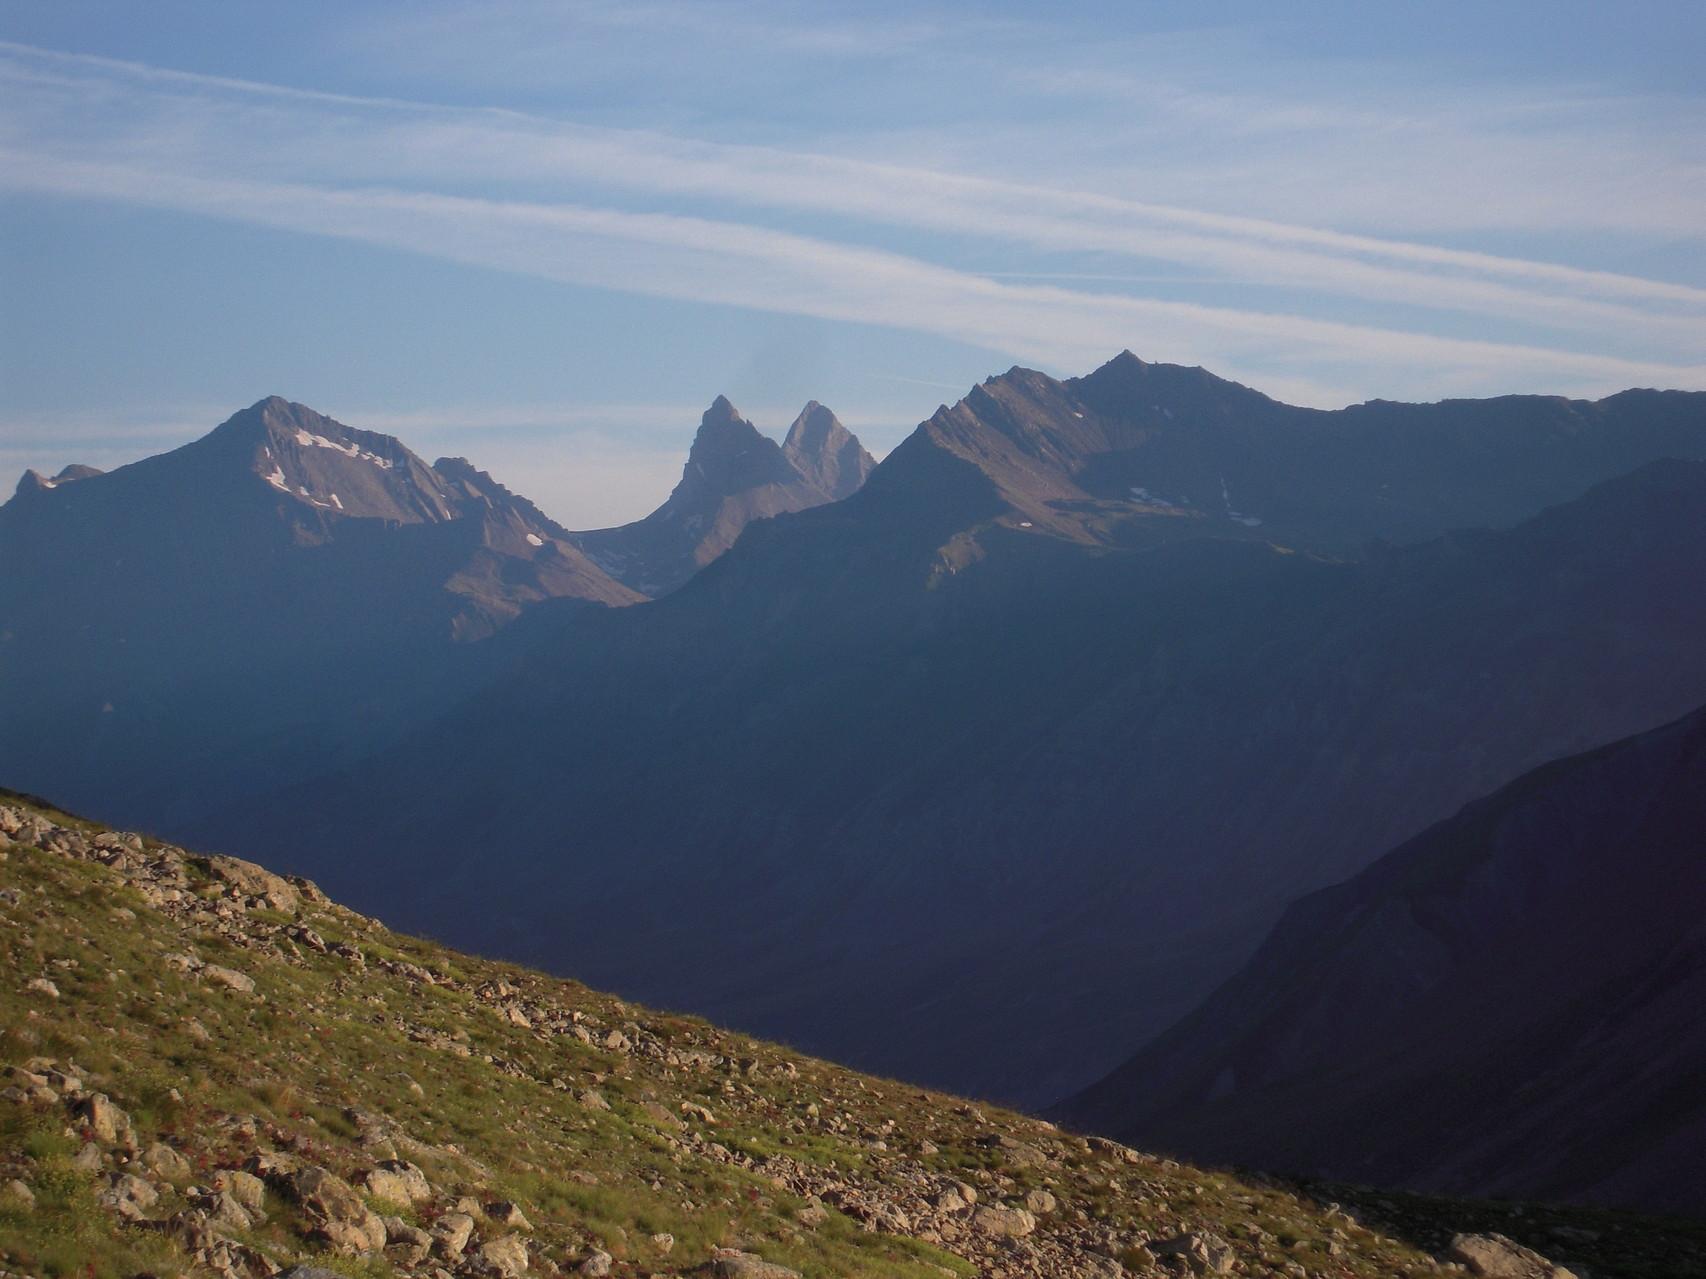 les Aiguilles d'Arve vues depuis les alpages de Chamoissière.